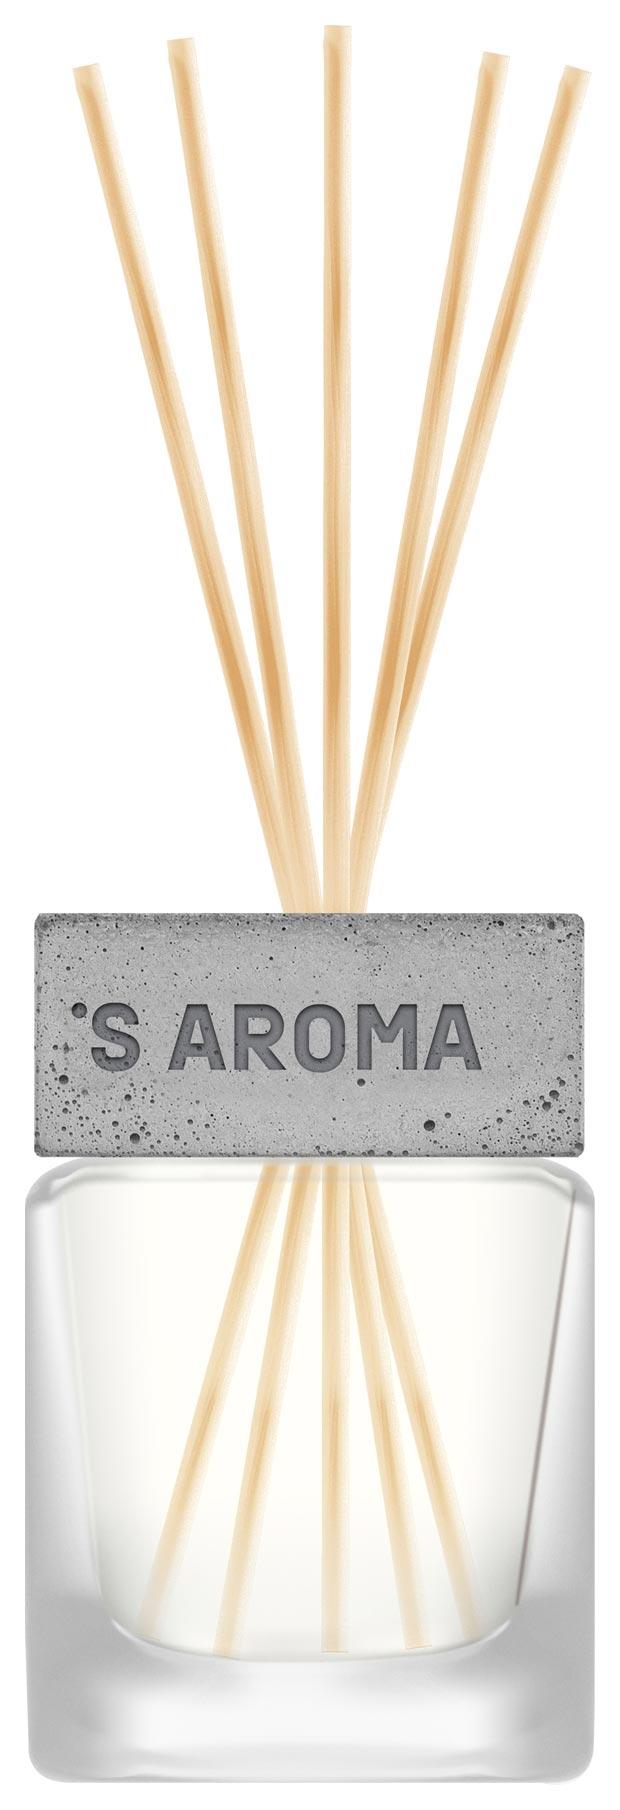 Аромадиффузор для дома и офиса SISTER'S AROMA Reed Diffuser «Tuscan Grapes» 120ml 2 - Фото 2